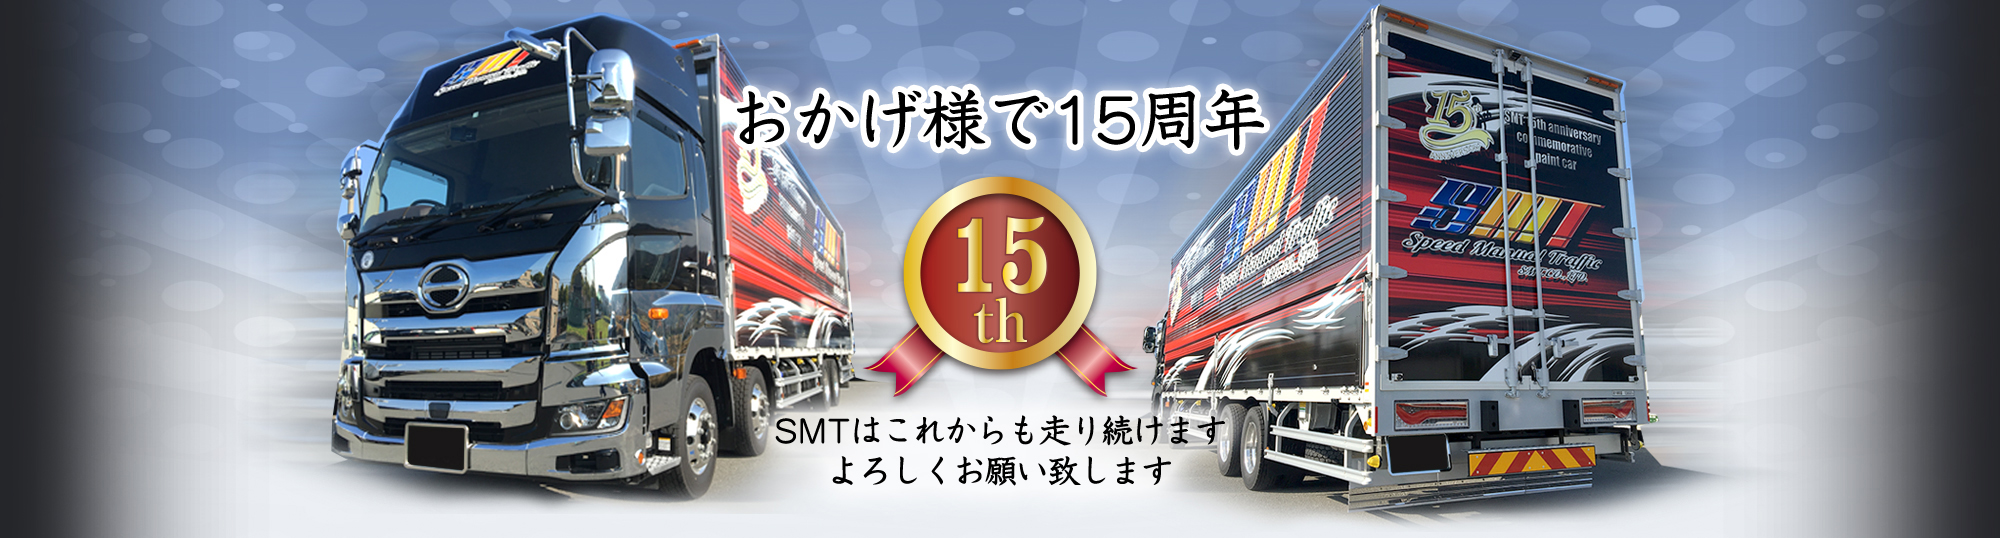 有限会社SMT